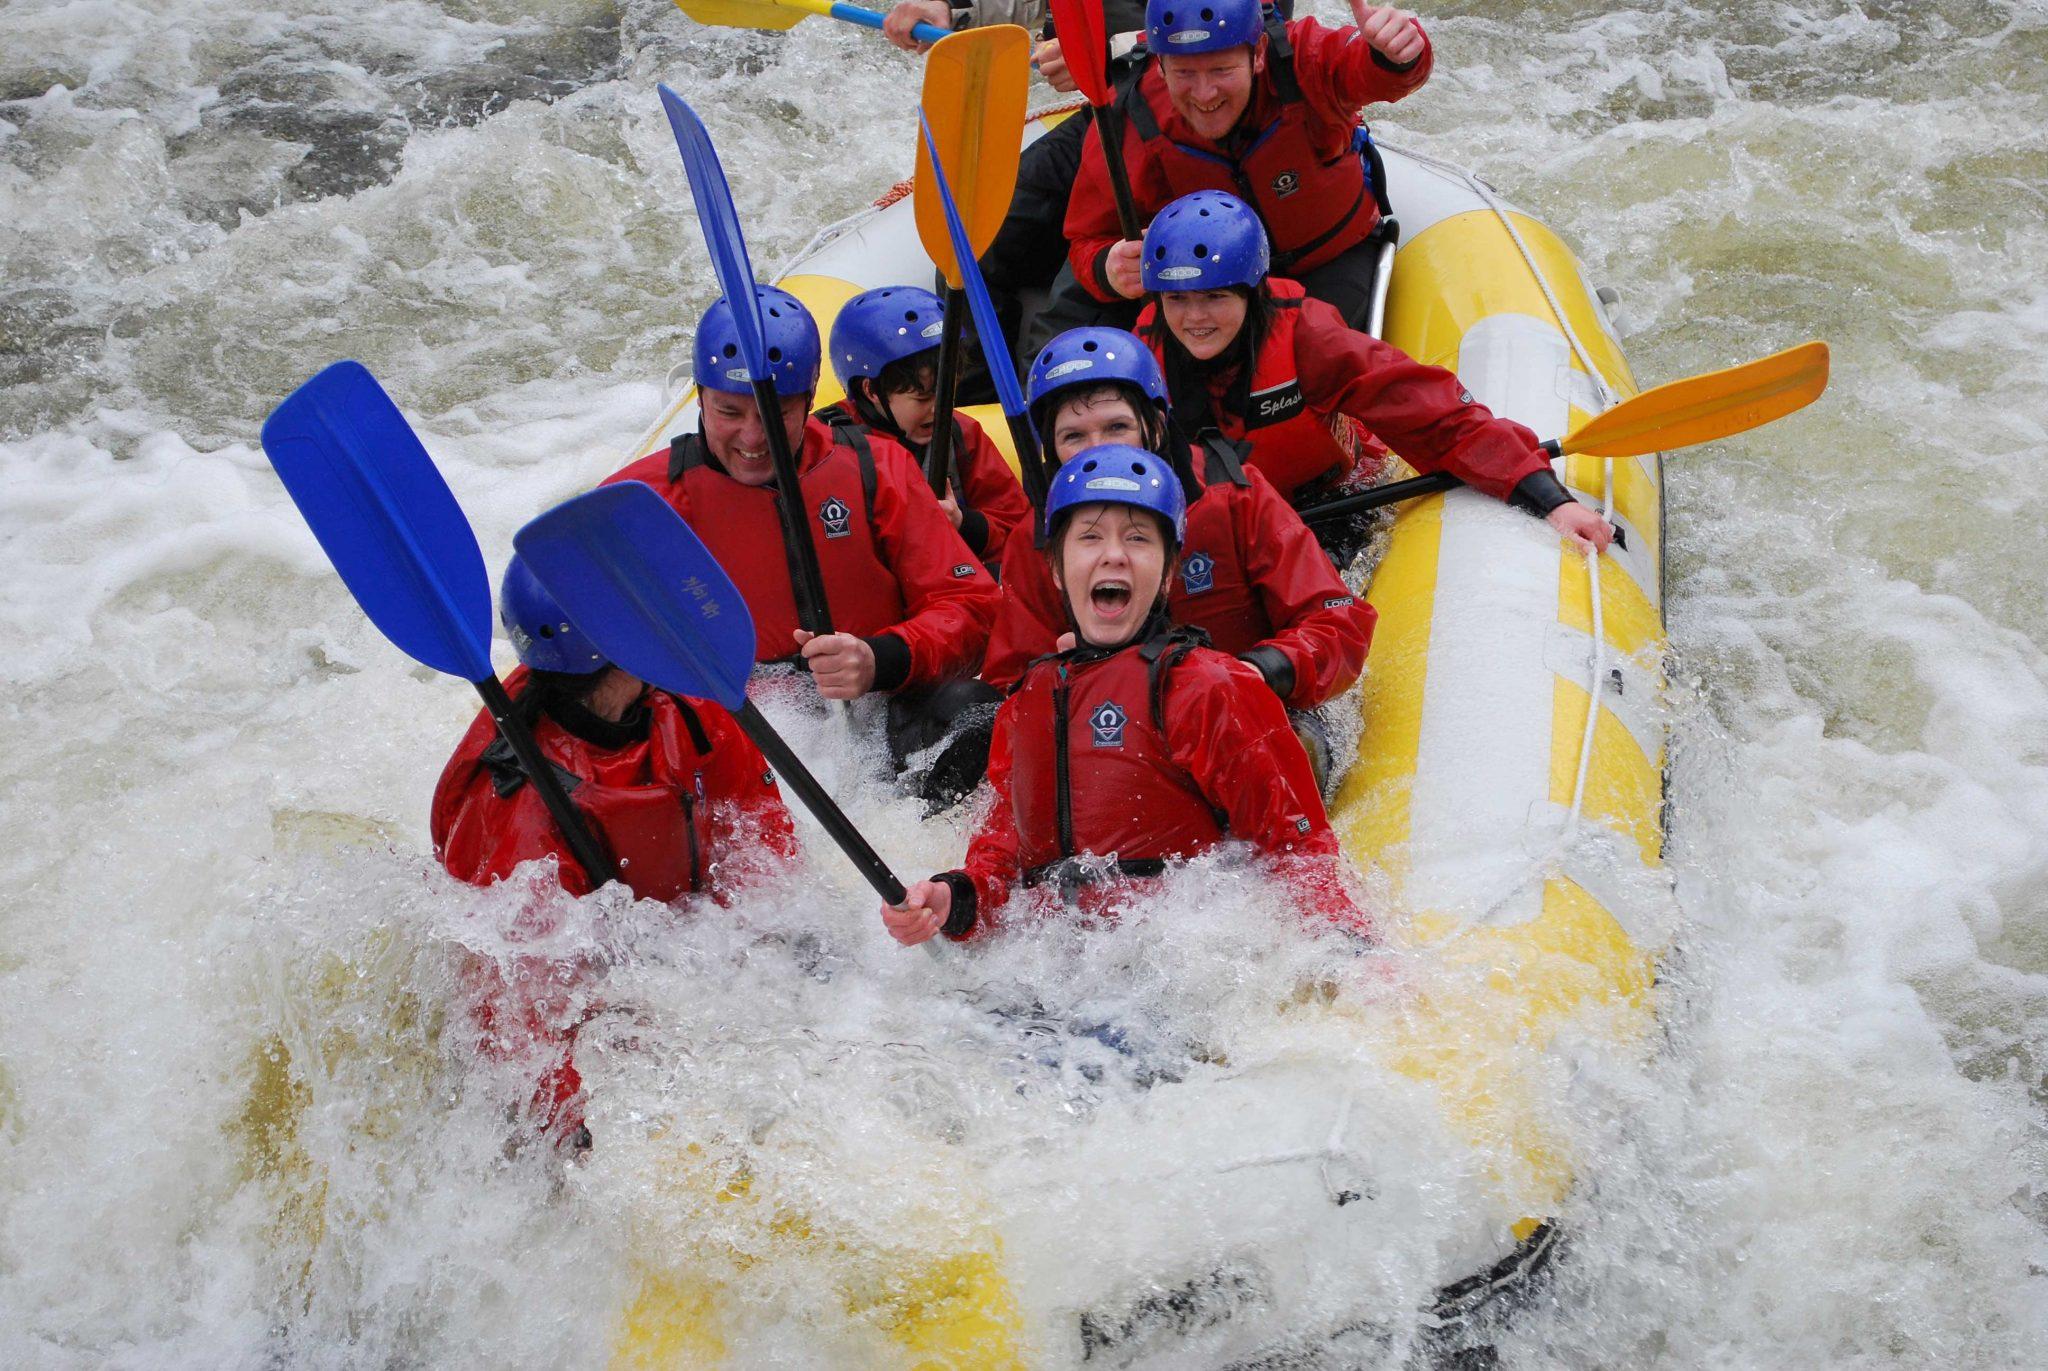 River Rafting Essay Sample